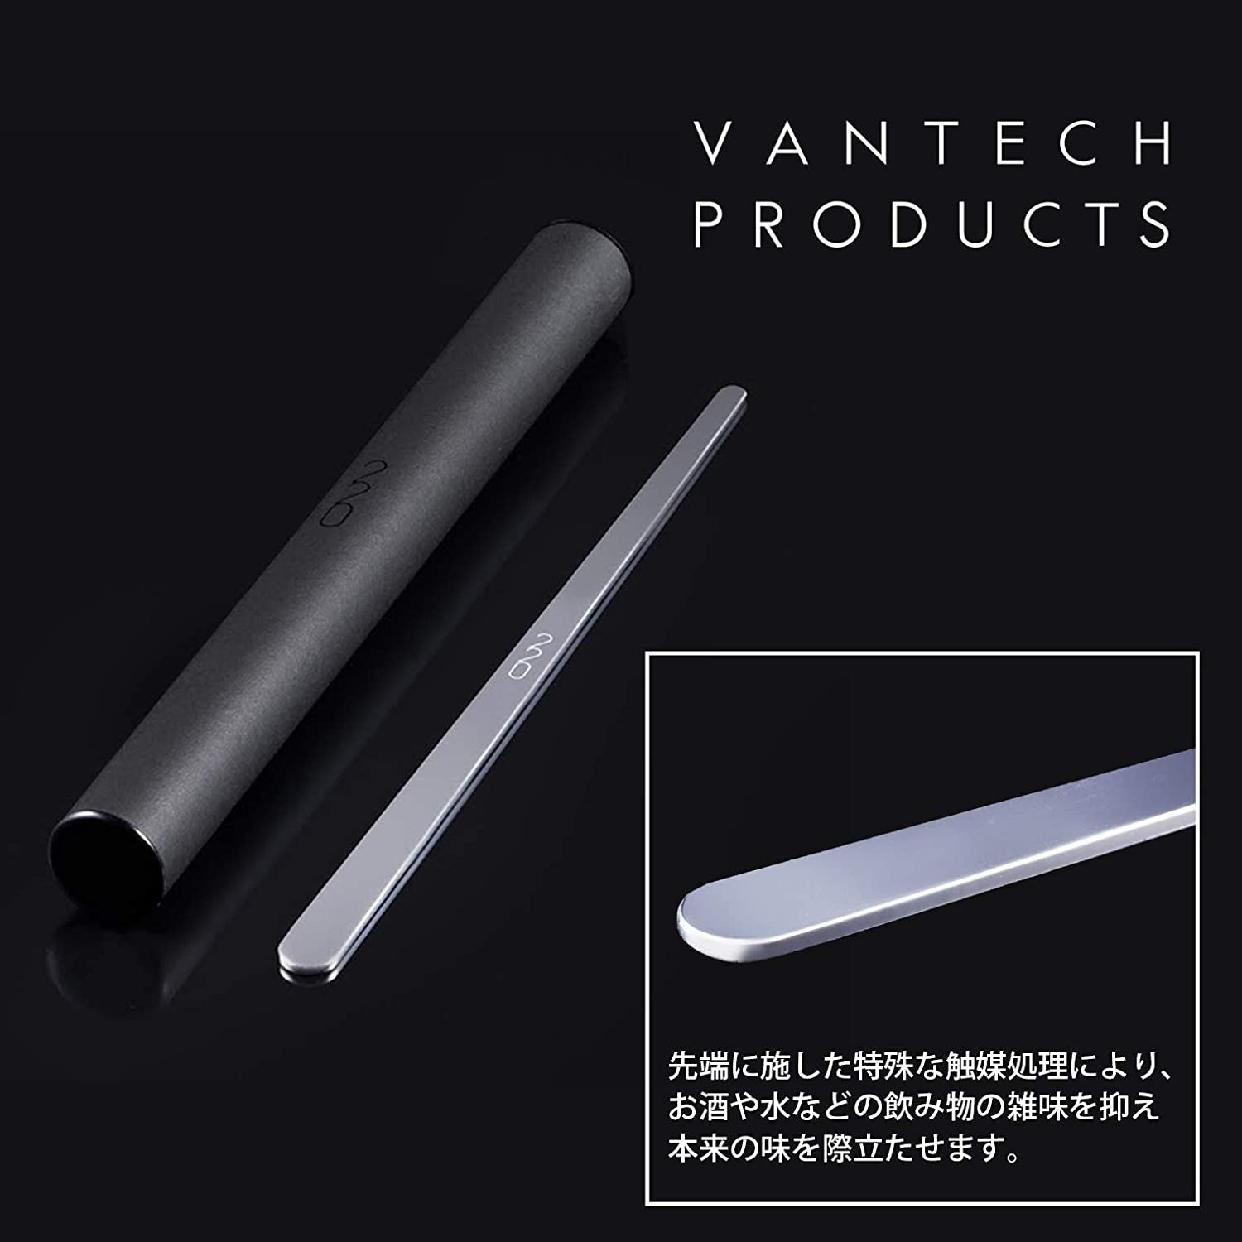 VANTECH(ヴァンテック)220mm ステンレスマドラー 1個入 430052 シルバーの商品画像3